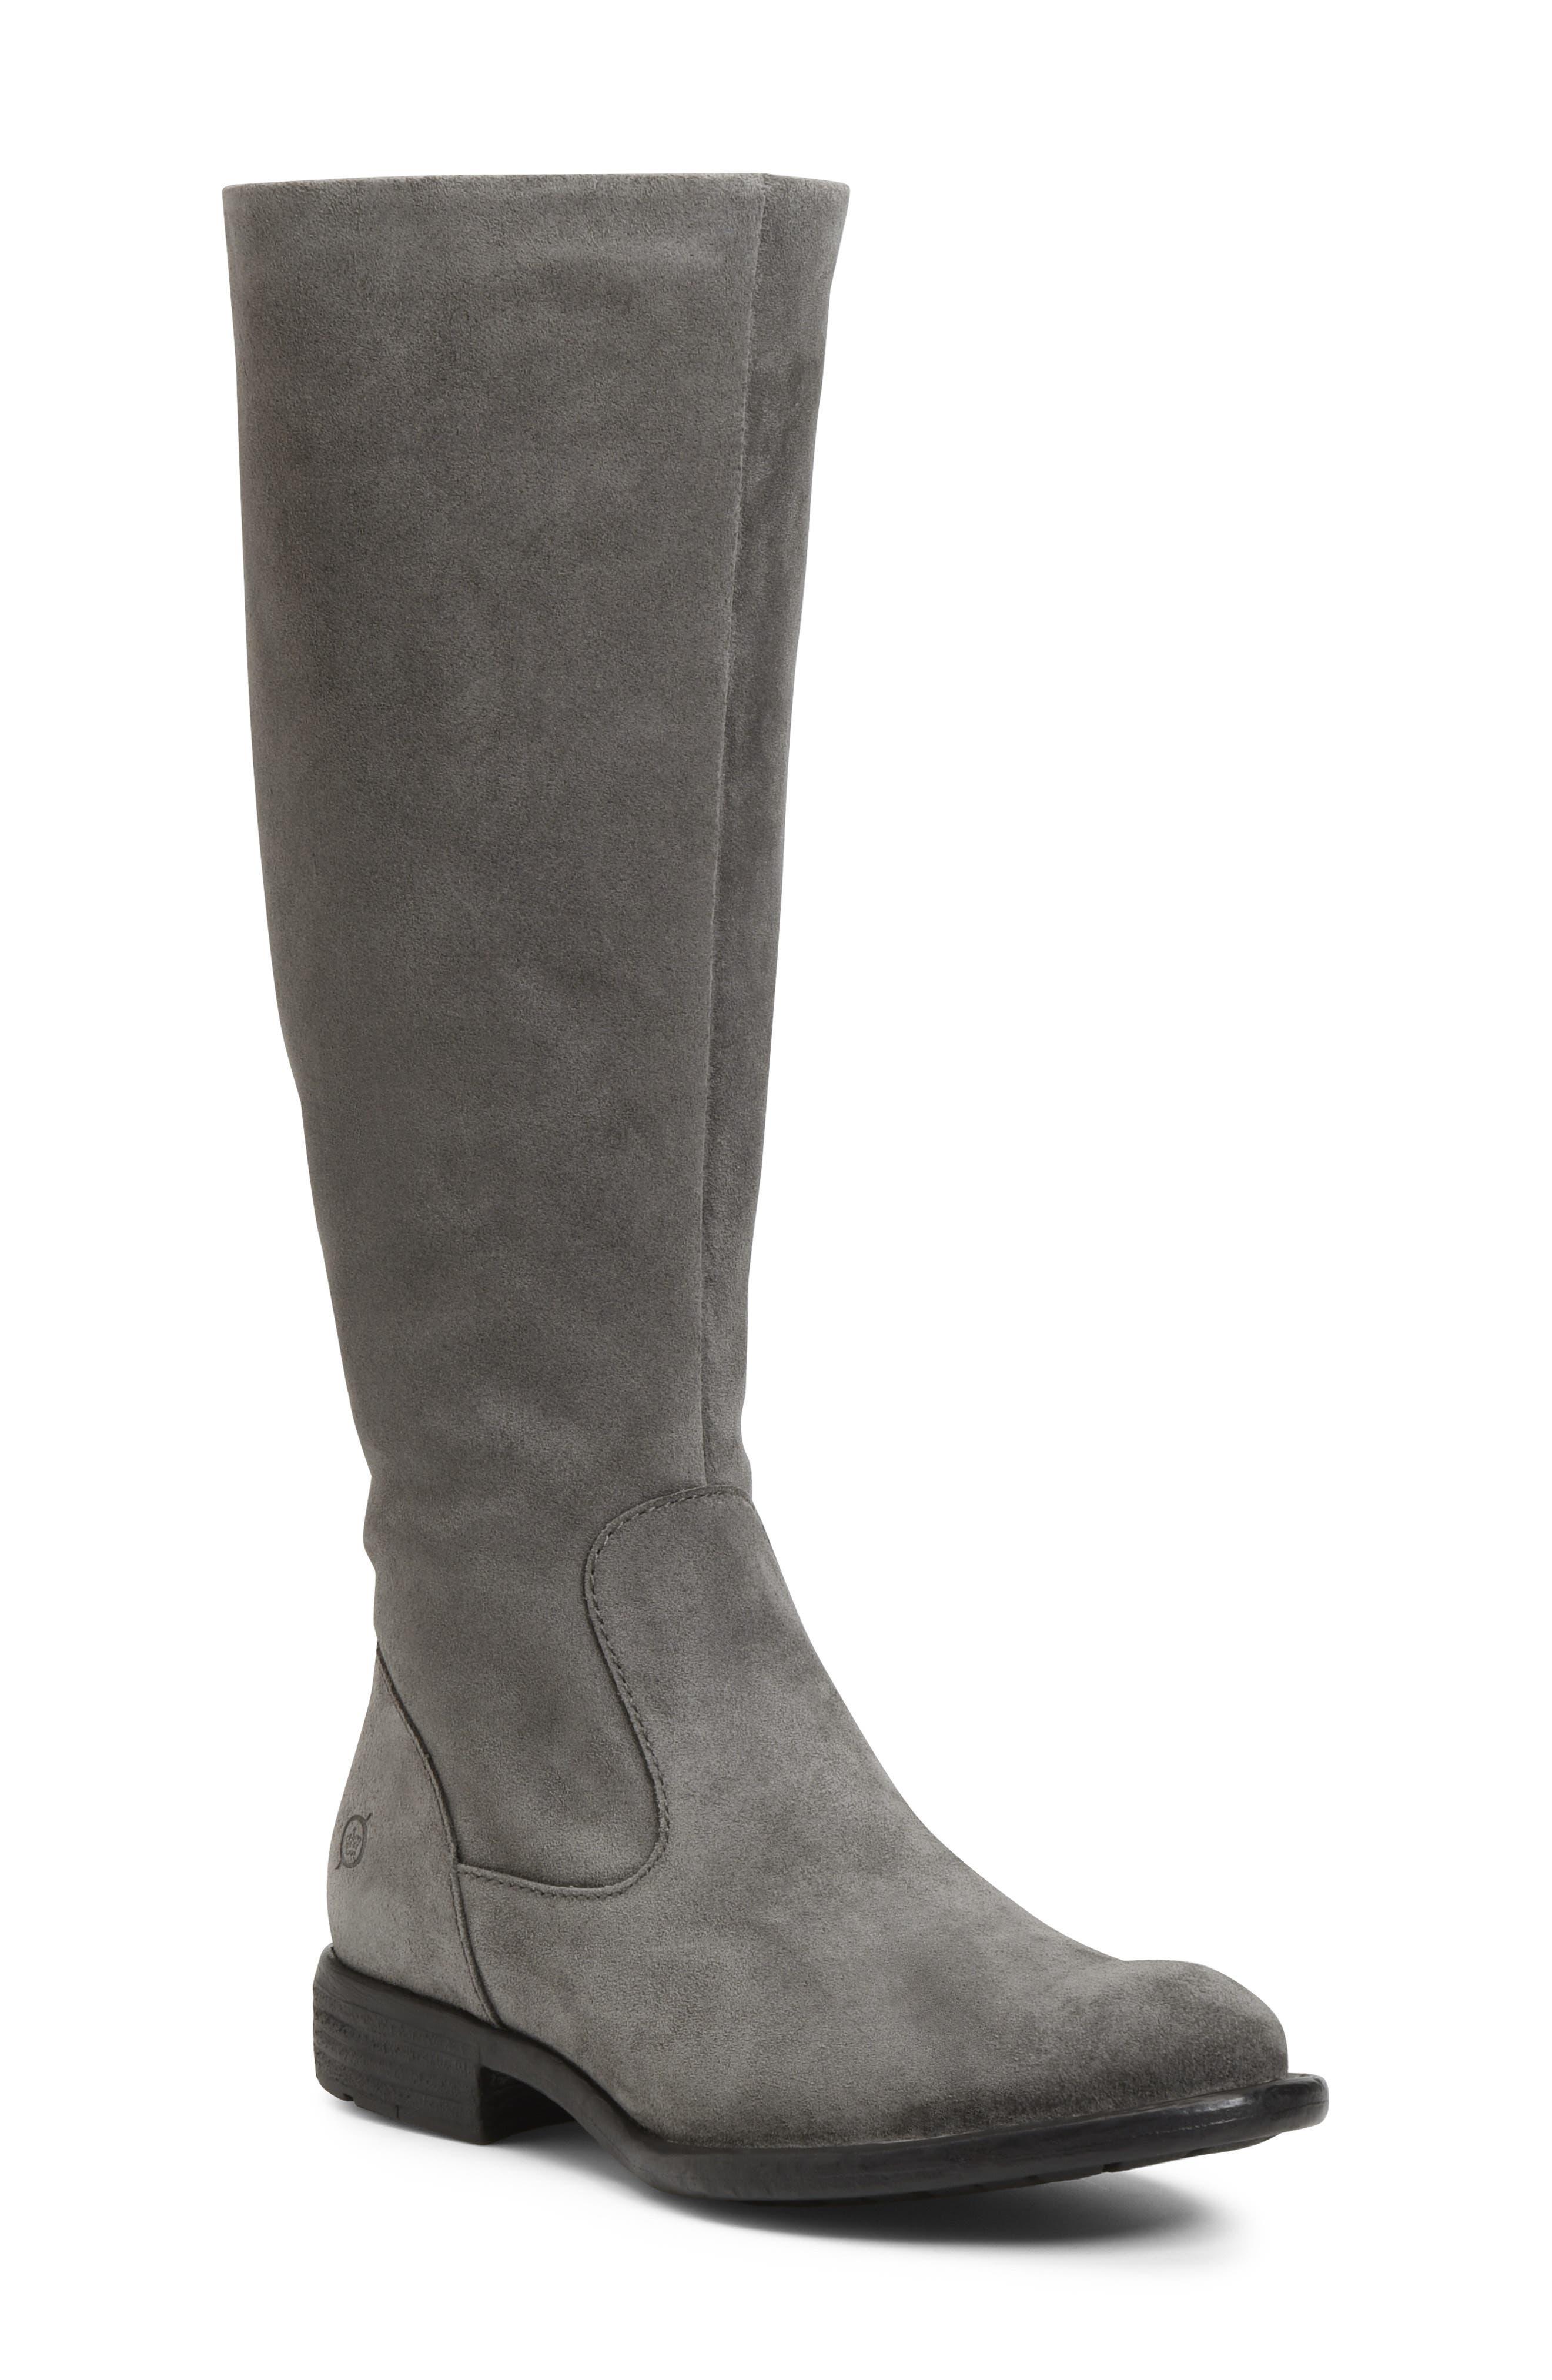 Børn North Riding Boot (Women) (Regular & Wide Calf)